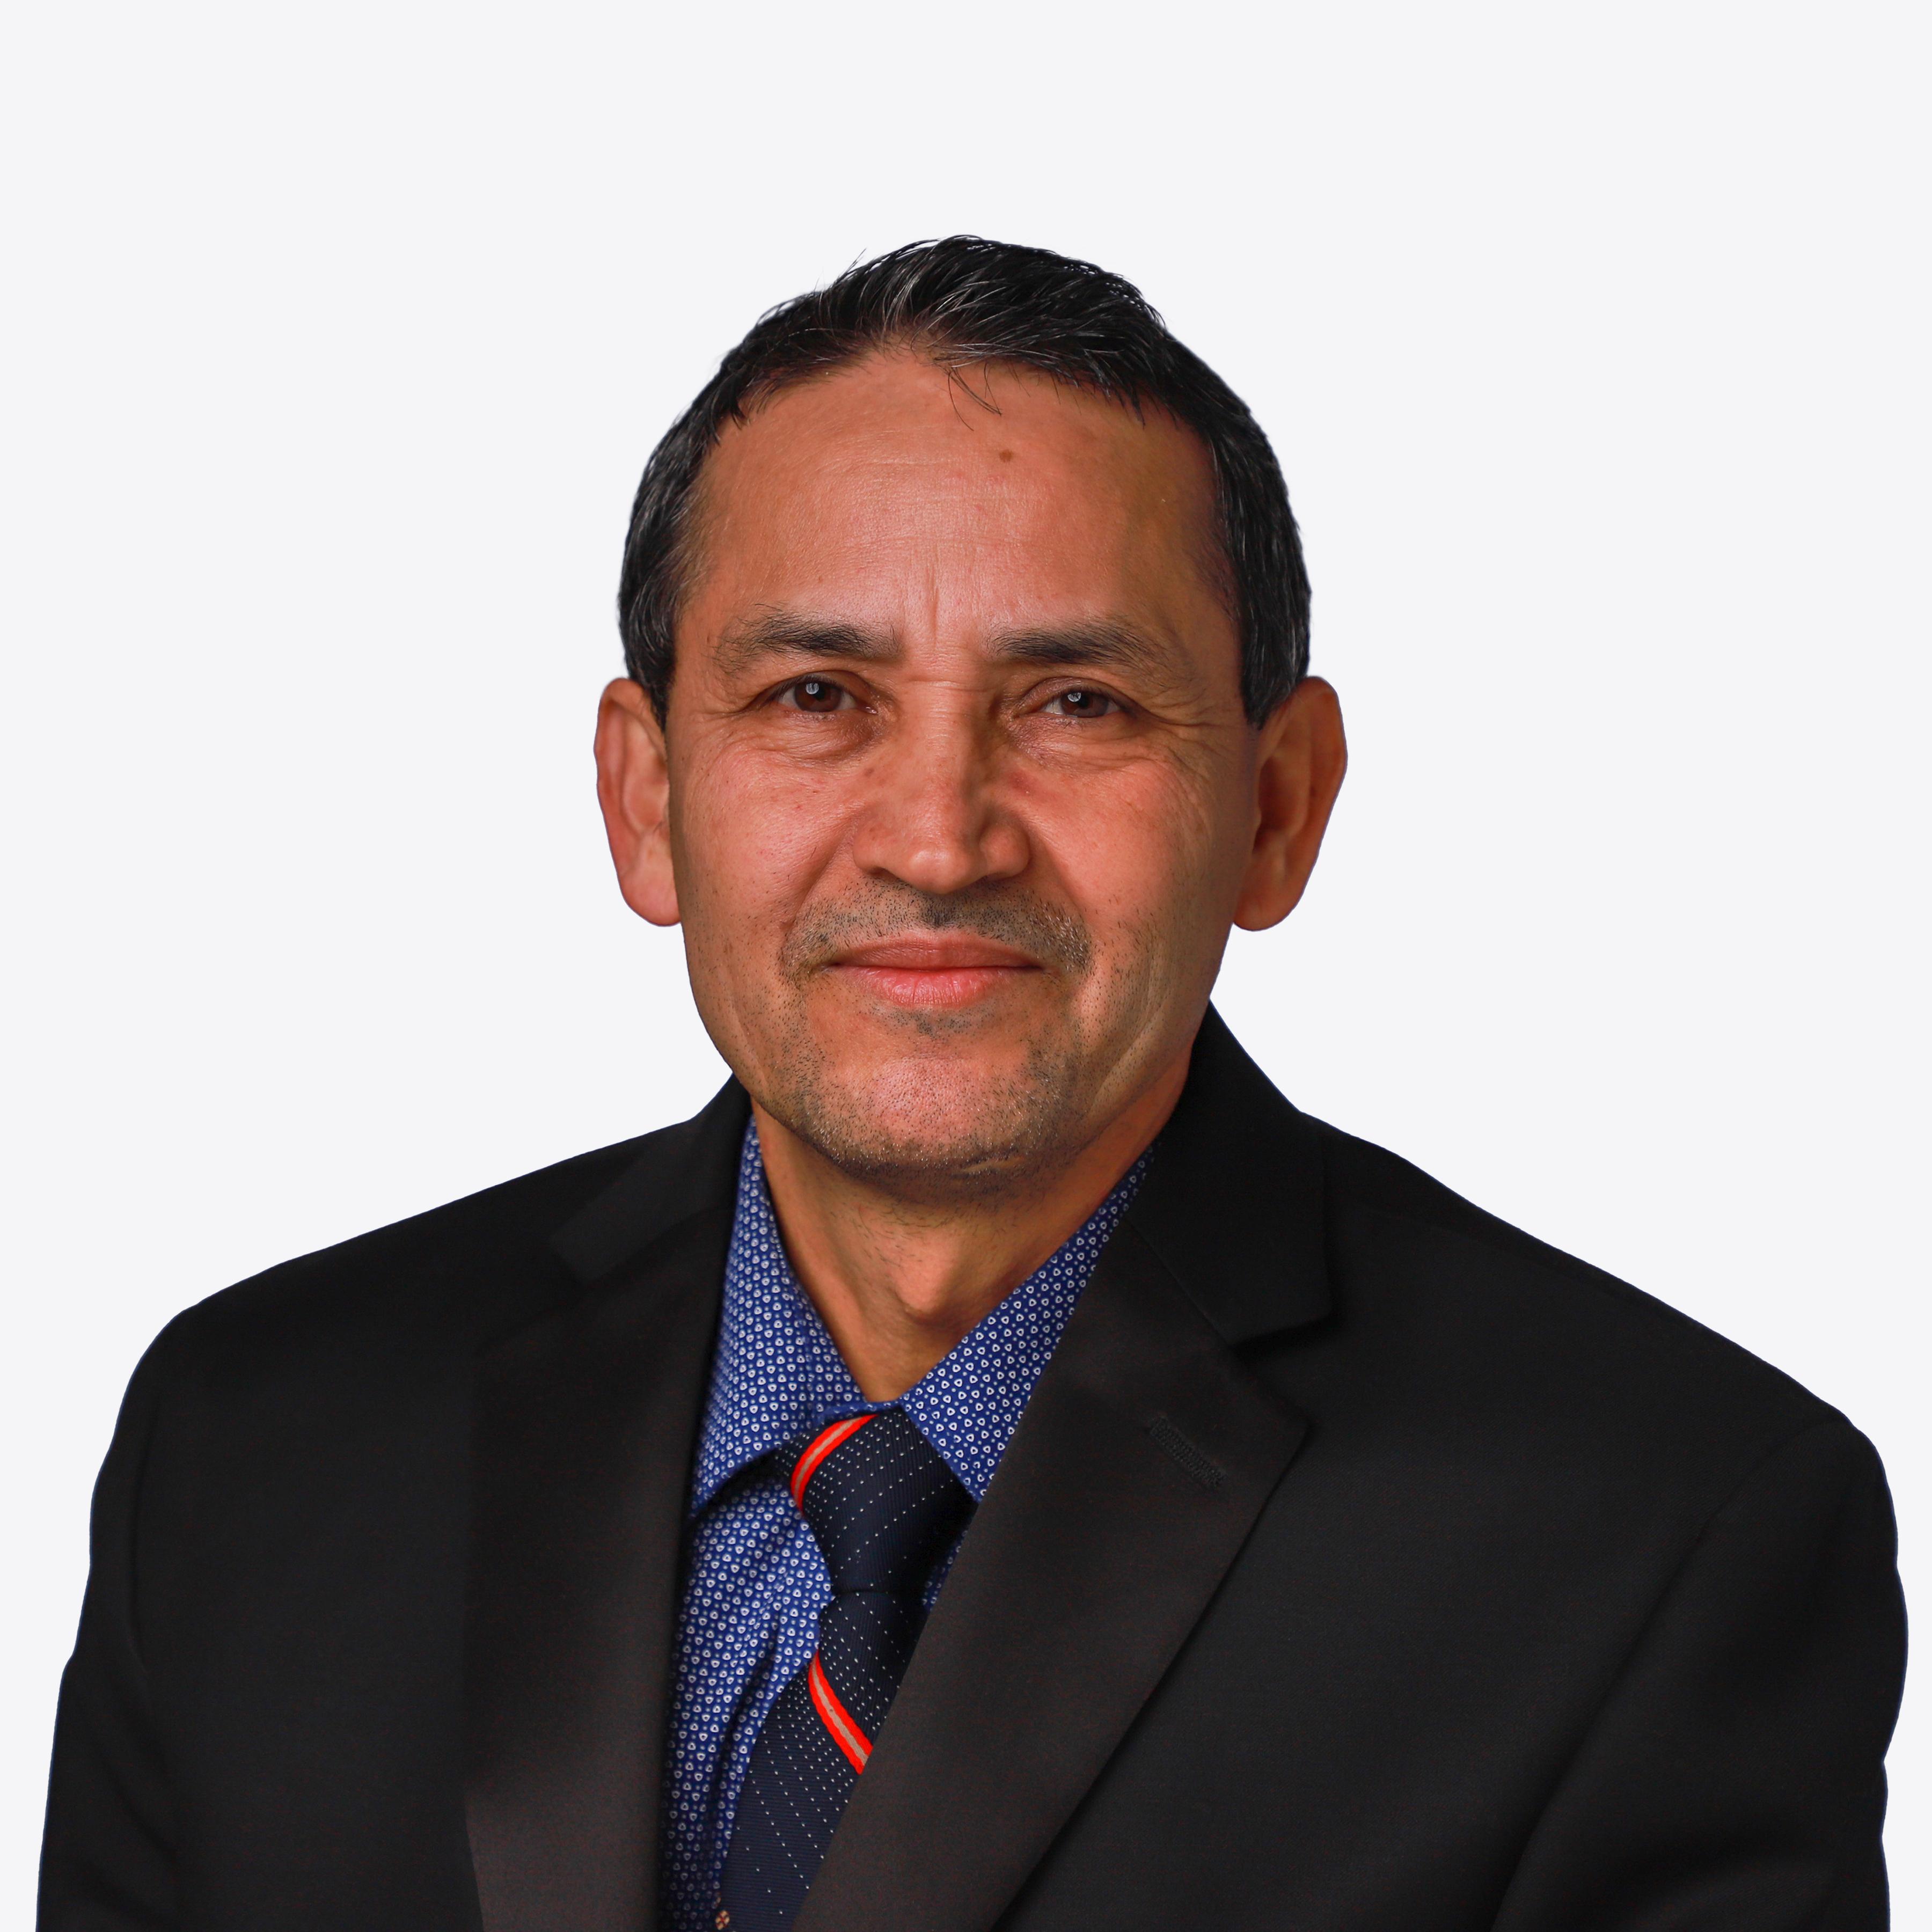 Luis O. Romero